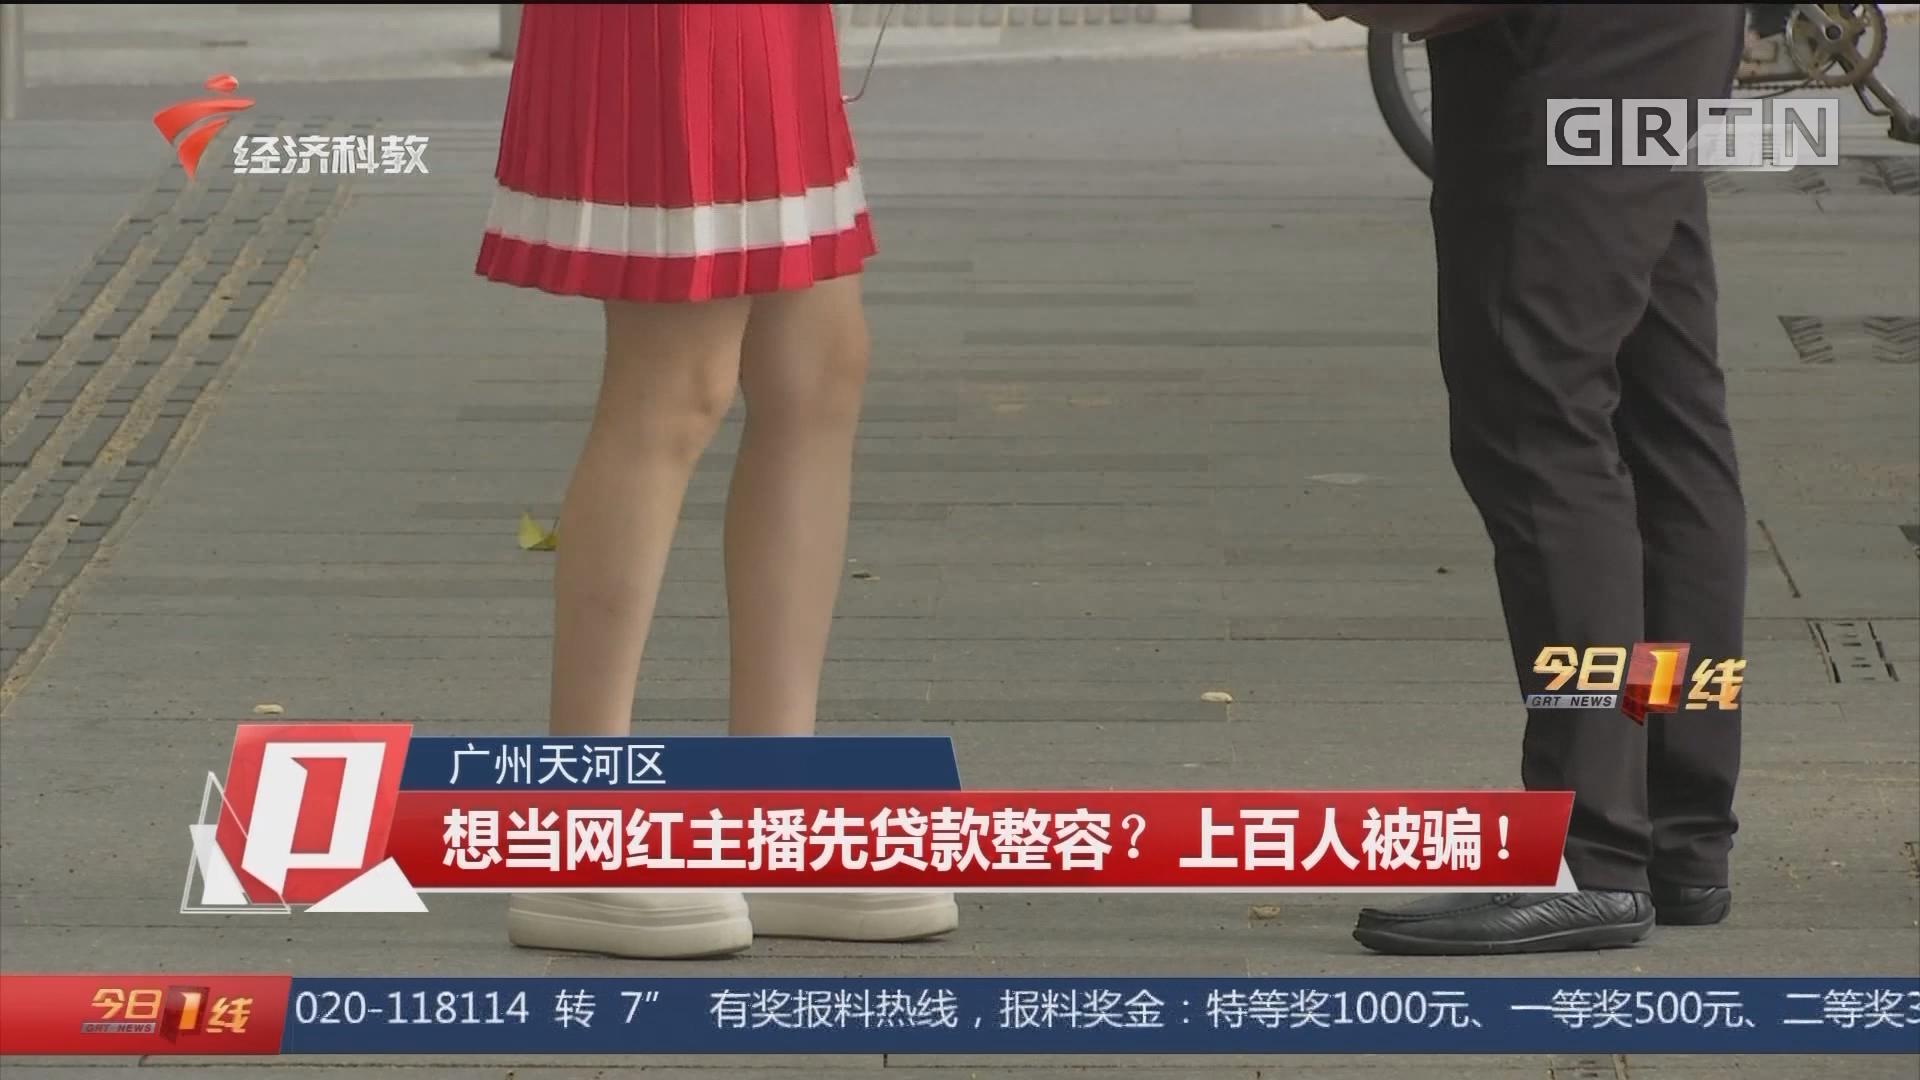 廣州天河區 想當網紅主播先貸款整容?上百人被騙!